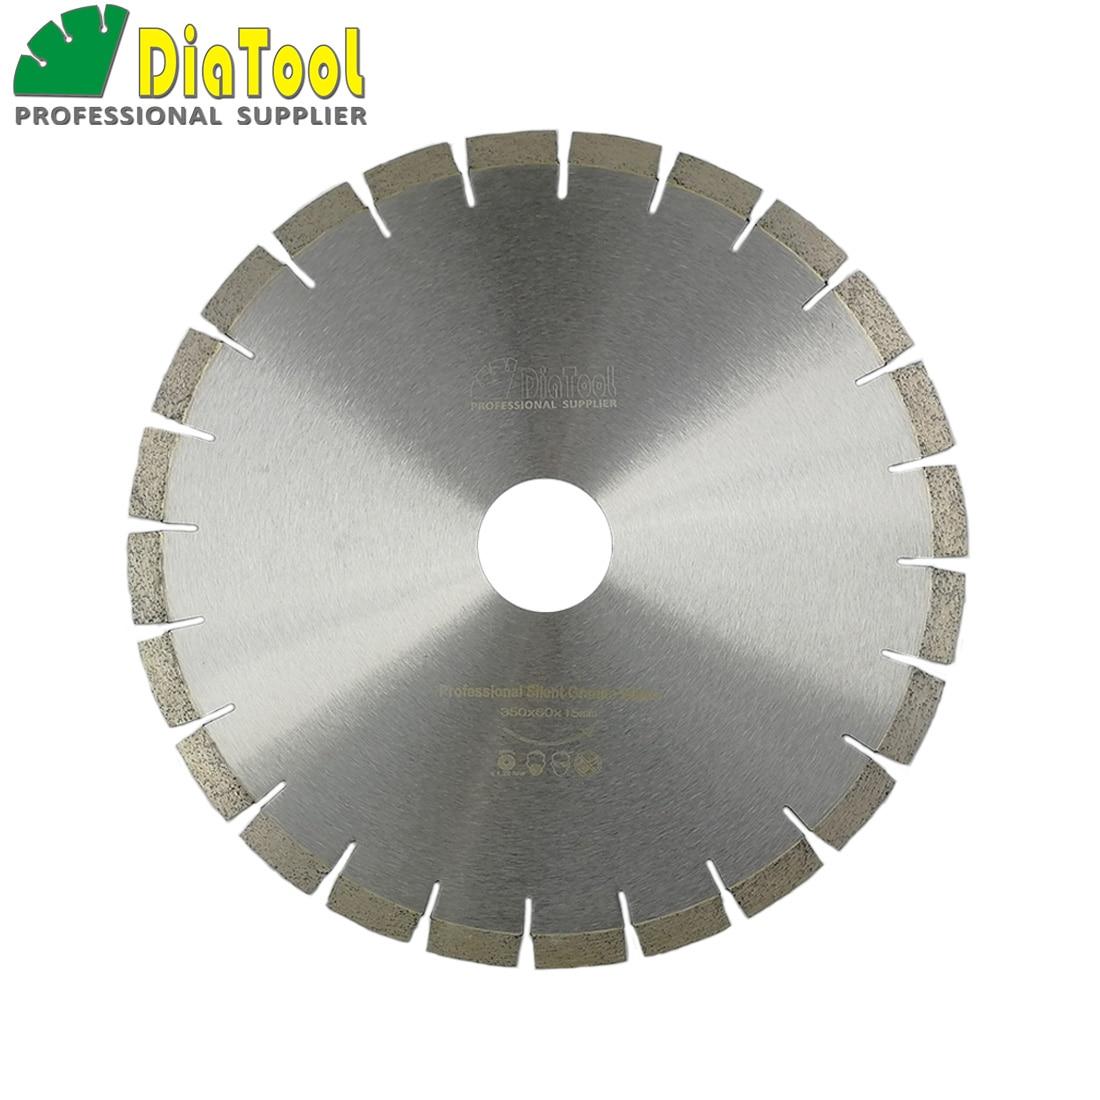 DIATOOL 14 диаметр 60 мм Silent Diamond Blade сэндвич сталь Core резка диск гранит Алмазная Дисковая пила колеса режущие диски